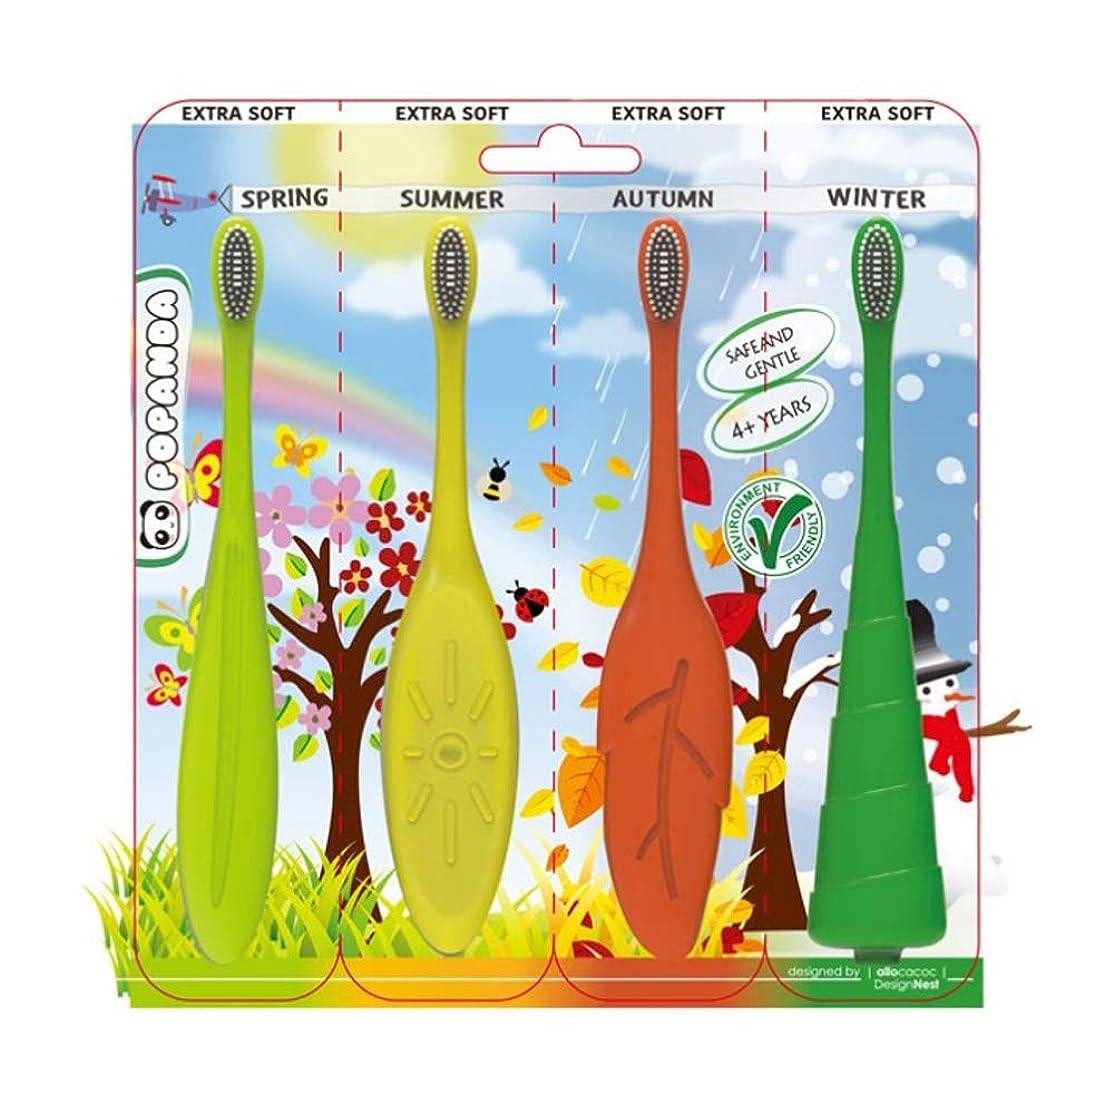 降伏フィラデルフィアデマンド(4個) Baby 幼児 四季 シリコン歯ブラシ Set Baby Kid's Gift Seasonal Silicone Toothbrush 並行輸入